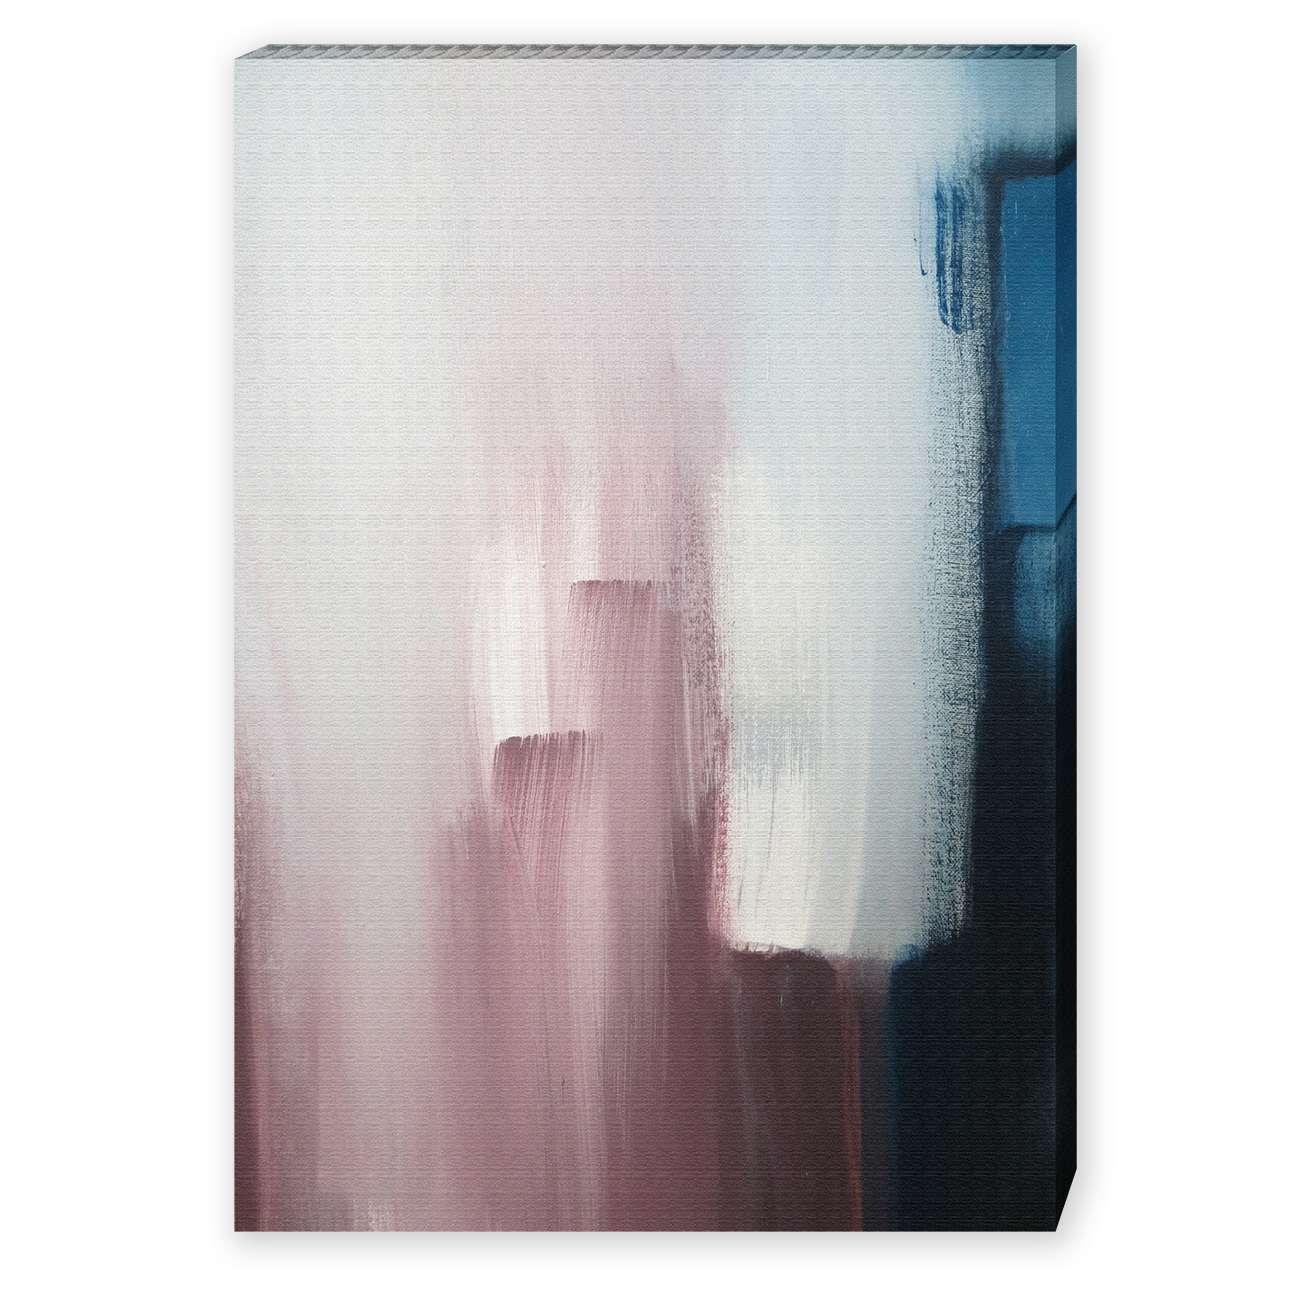 Leinwandbild Soft Smudge, 50 × 70 cm | Dekoration > Bilder und Rahmen | Weiß - Dunkelblau | Dekoria